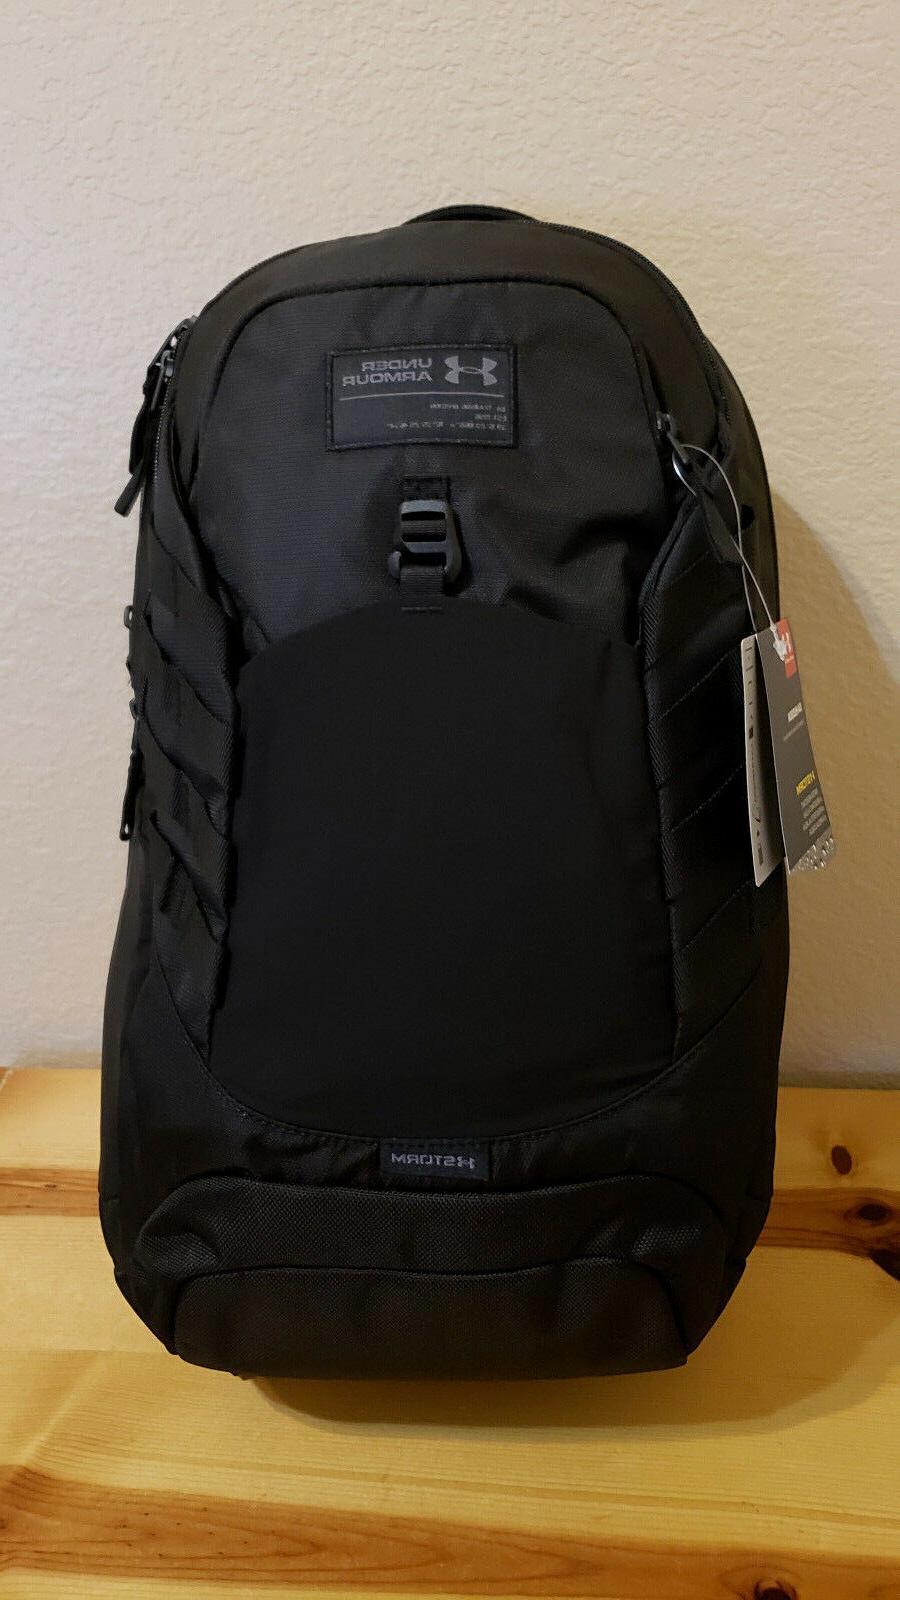 NEW Under Backpack Fits Laptop Black